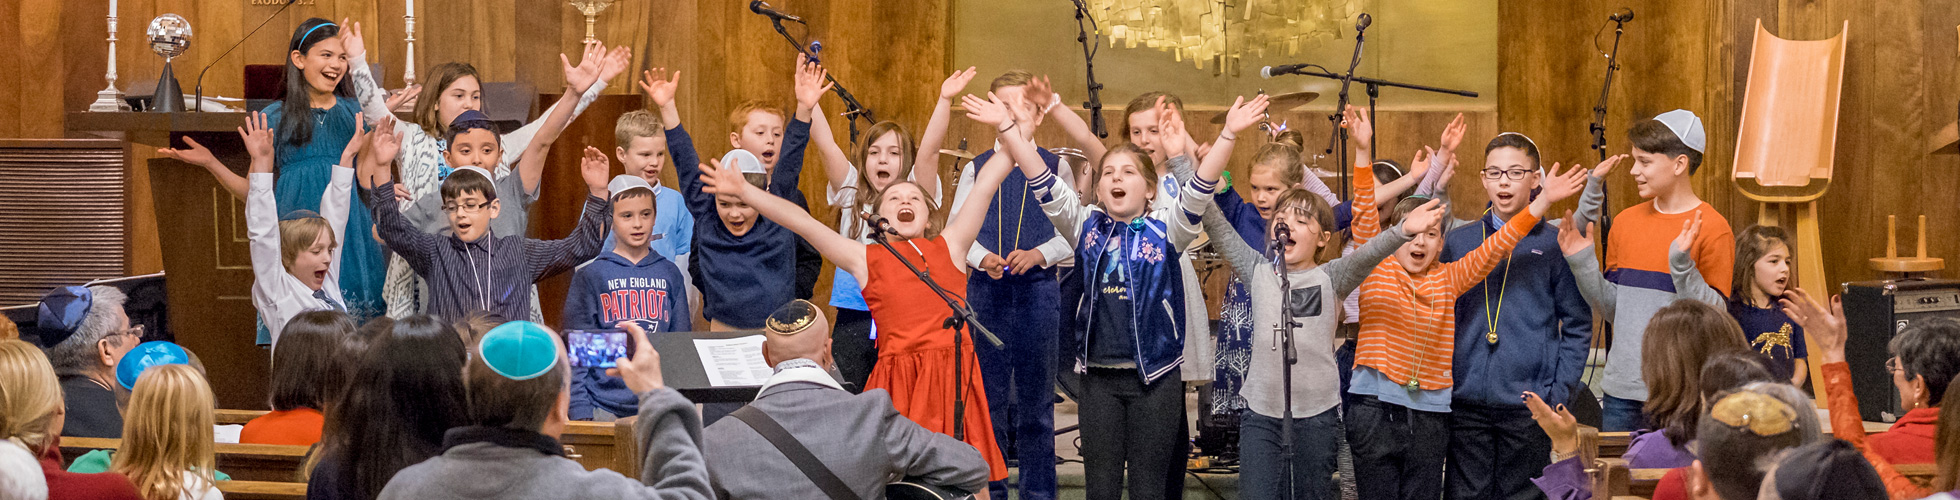 Kids Singing